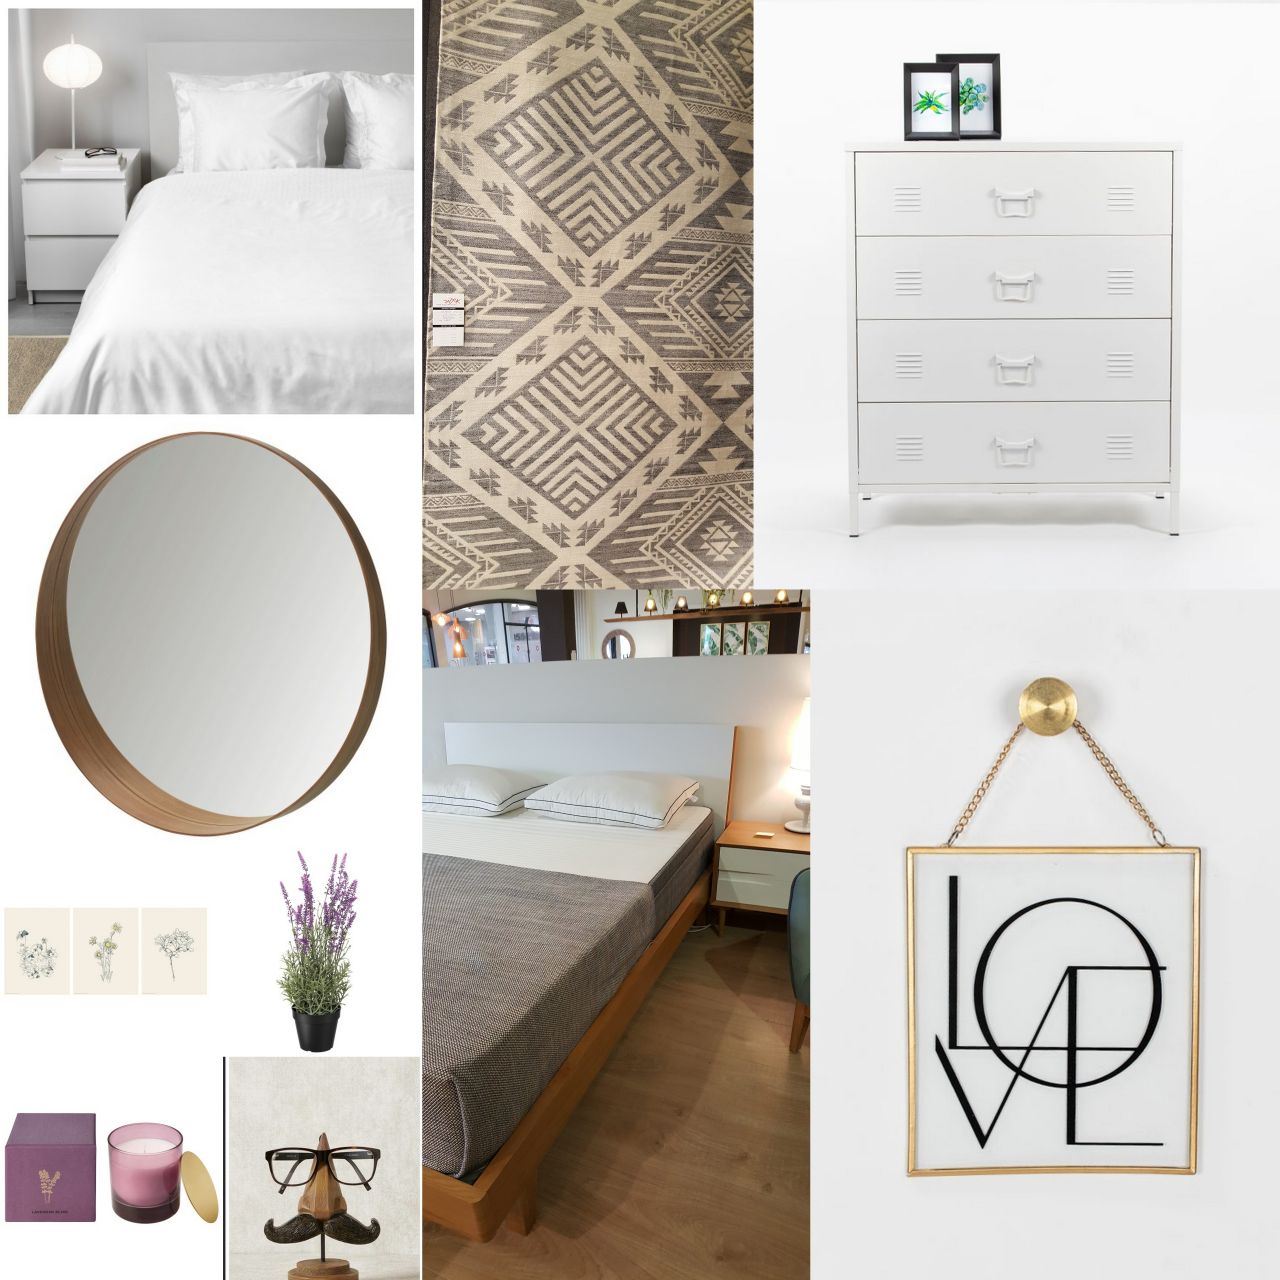 לוח השראה לעיצוב חדר שינה